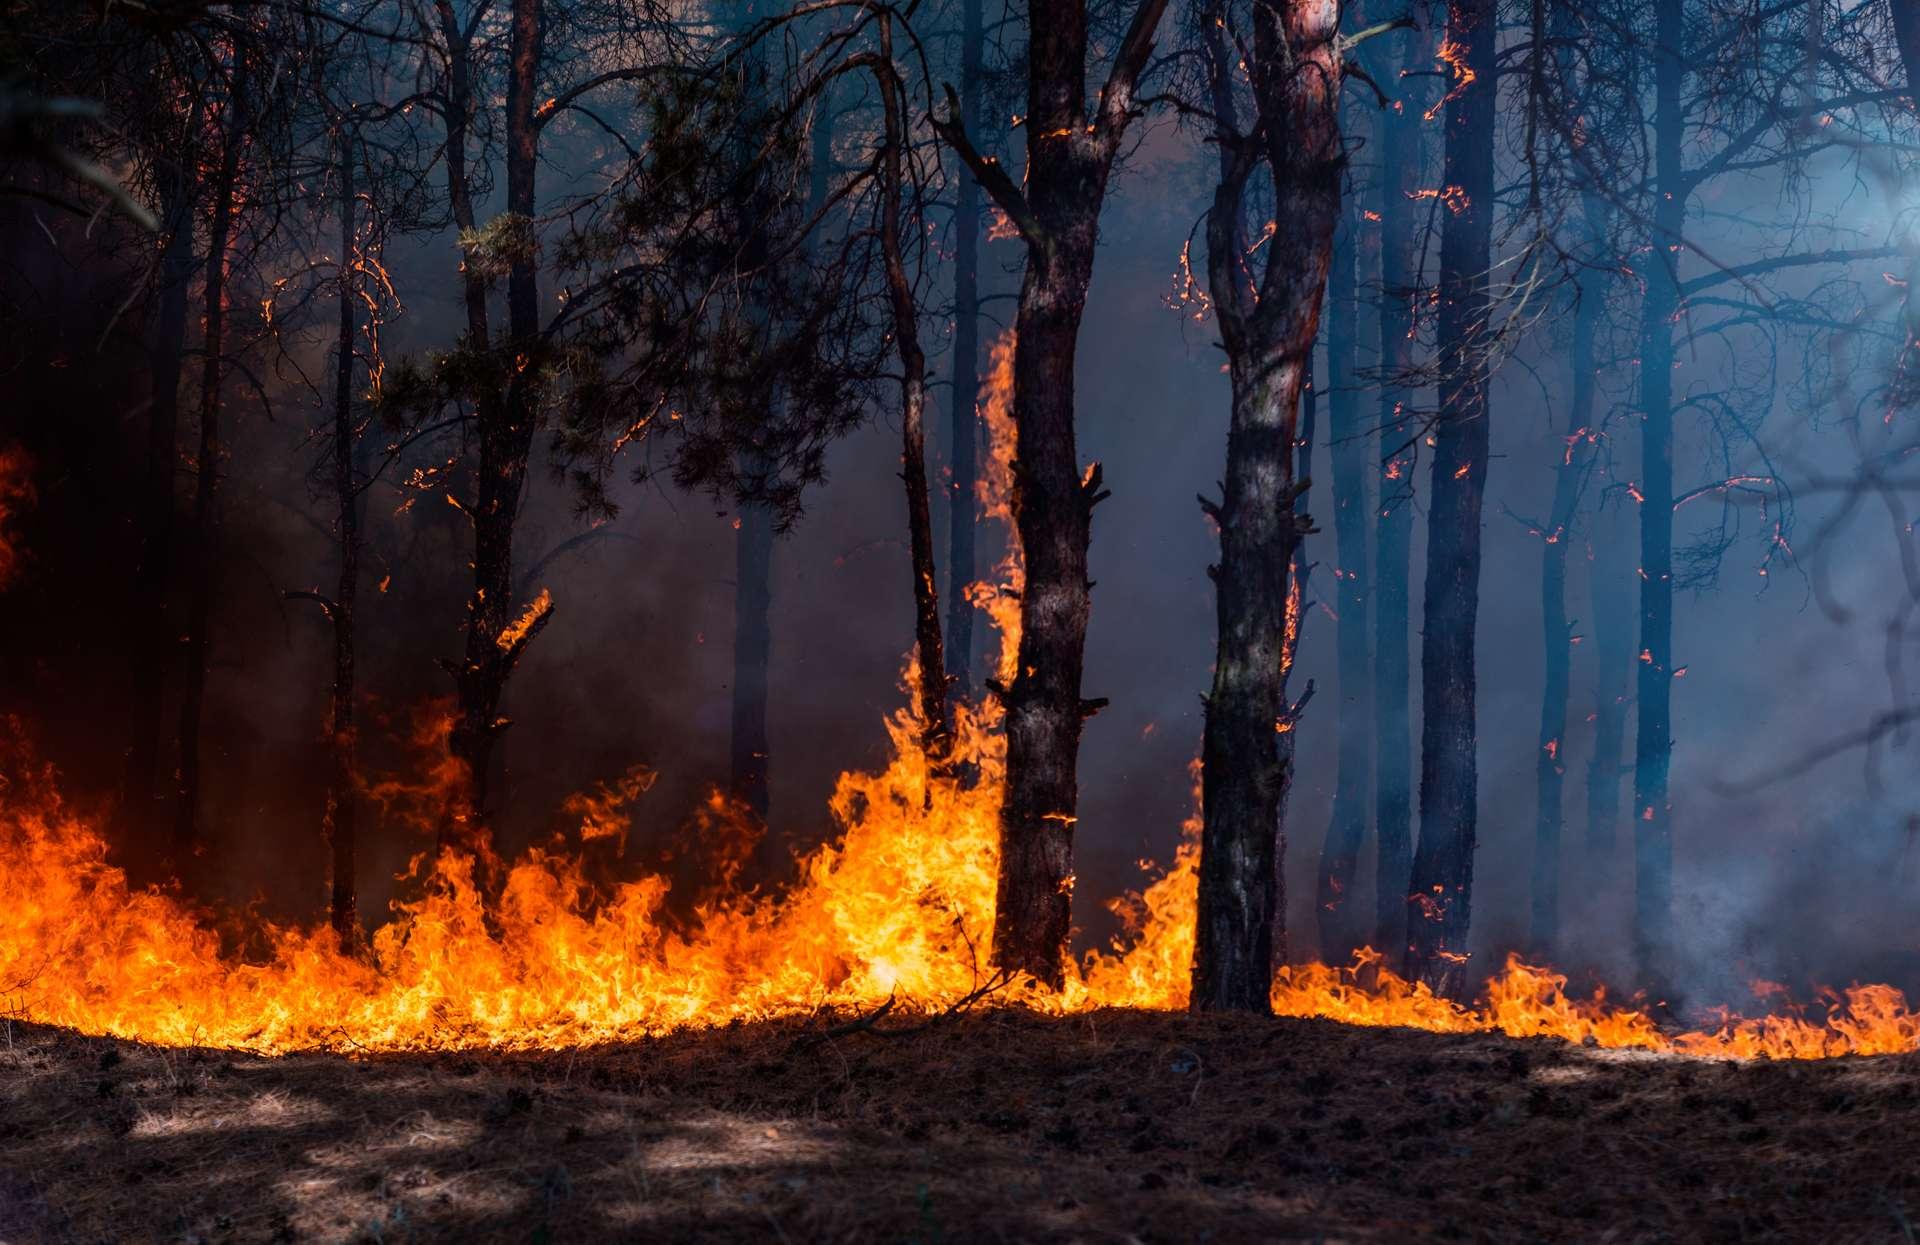 D'année en année, le réchauffement climatique aggrave le nombre de départs de feu et leur intensité. © yelantsevv, Adobe Stock